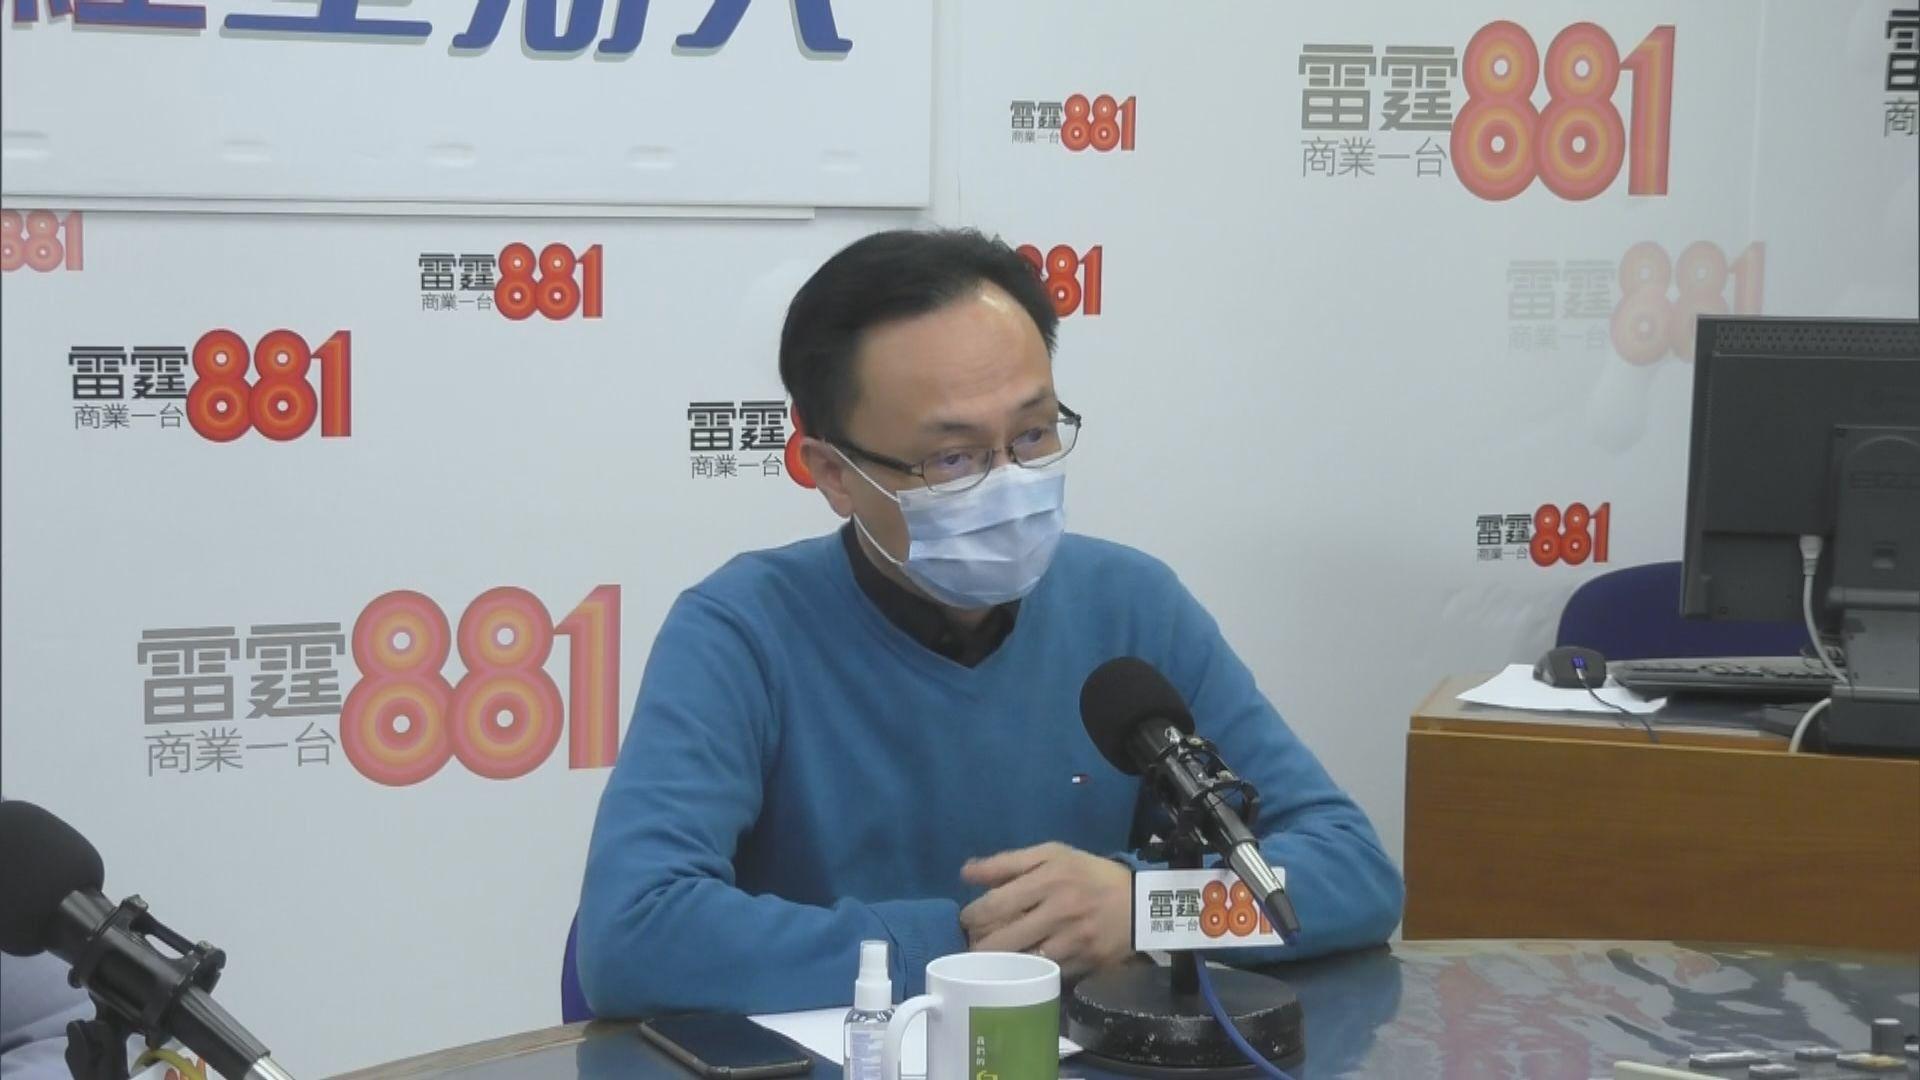 聶德權:正商討由內地為跨境司機進行病毒測試